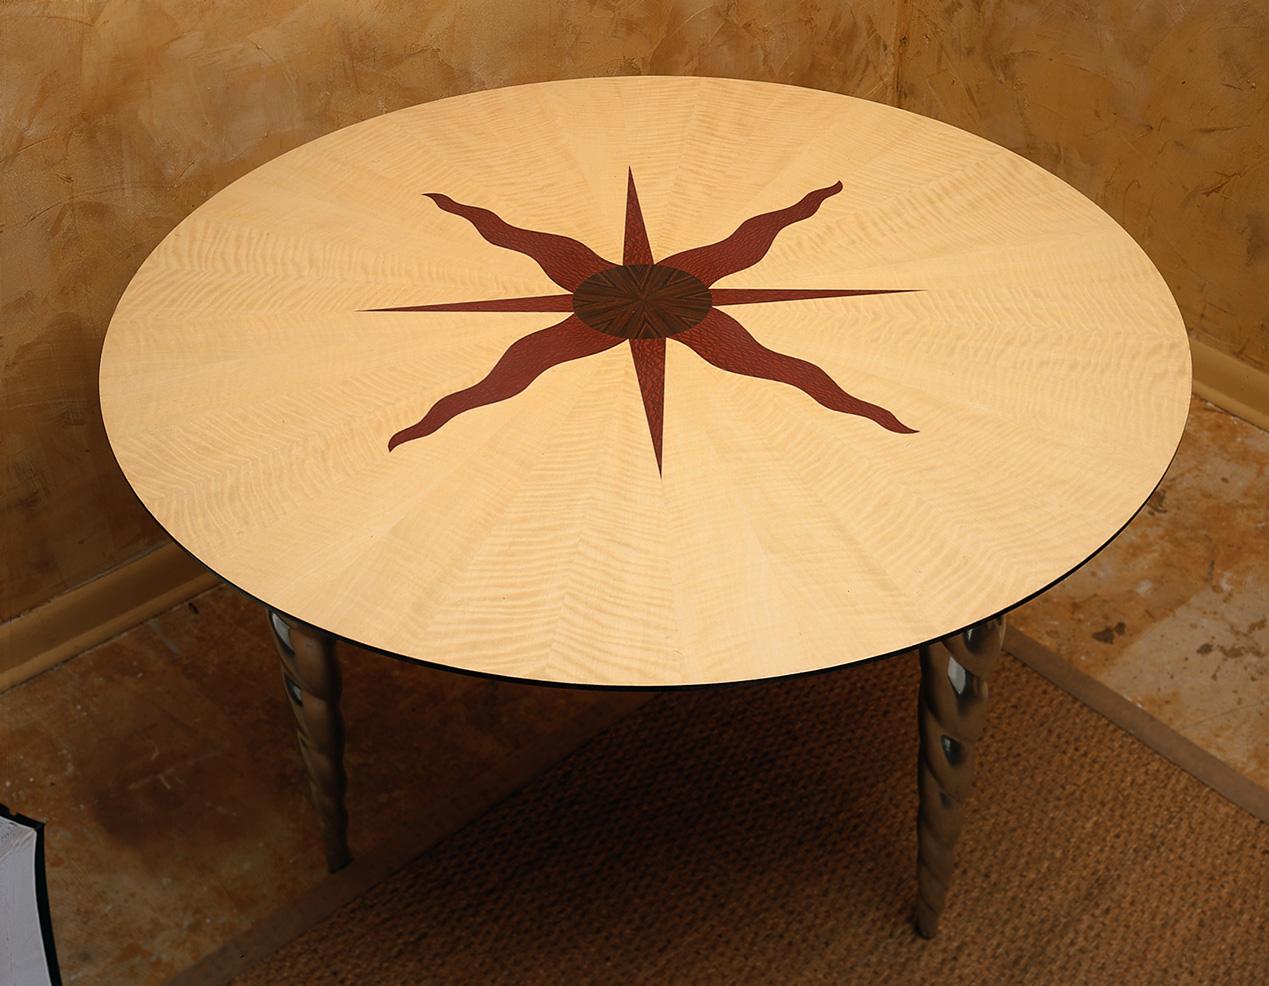 Sanply-table_8009891355_o